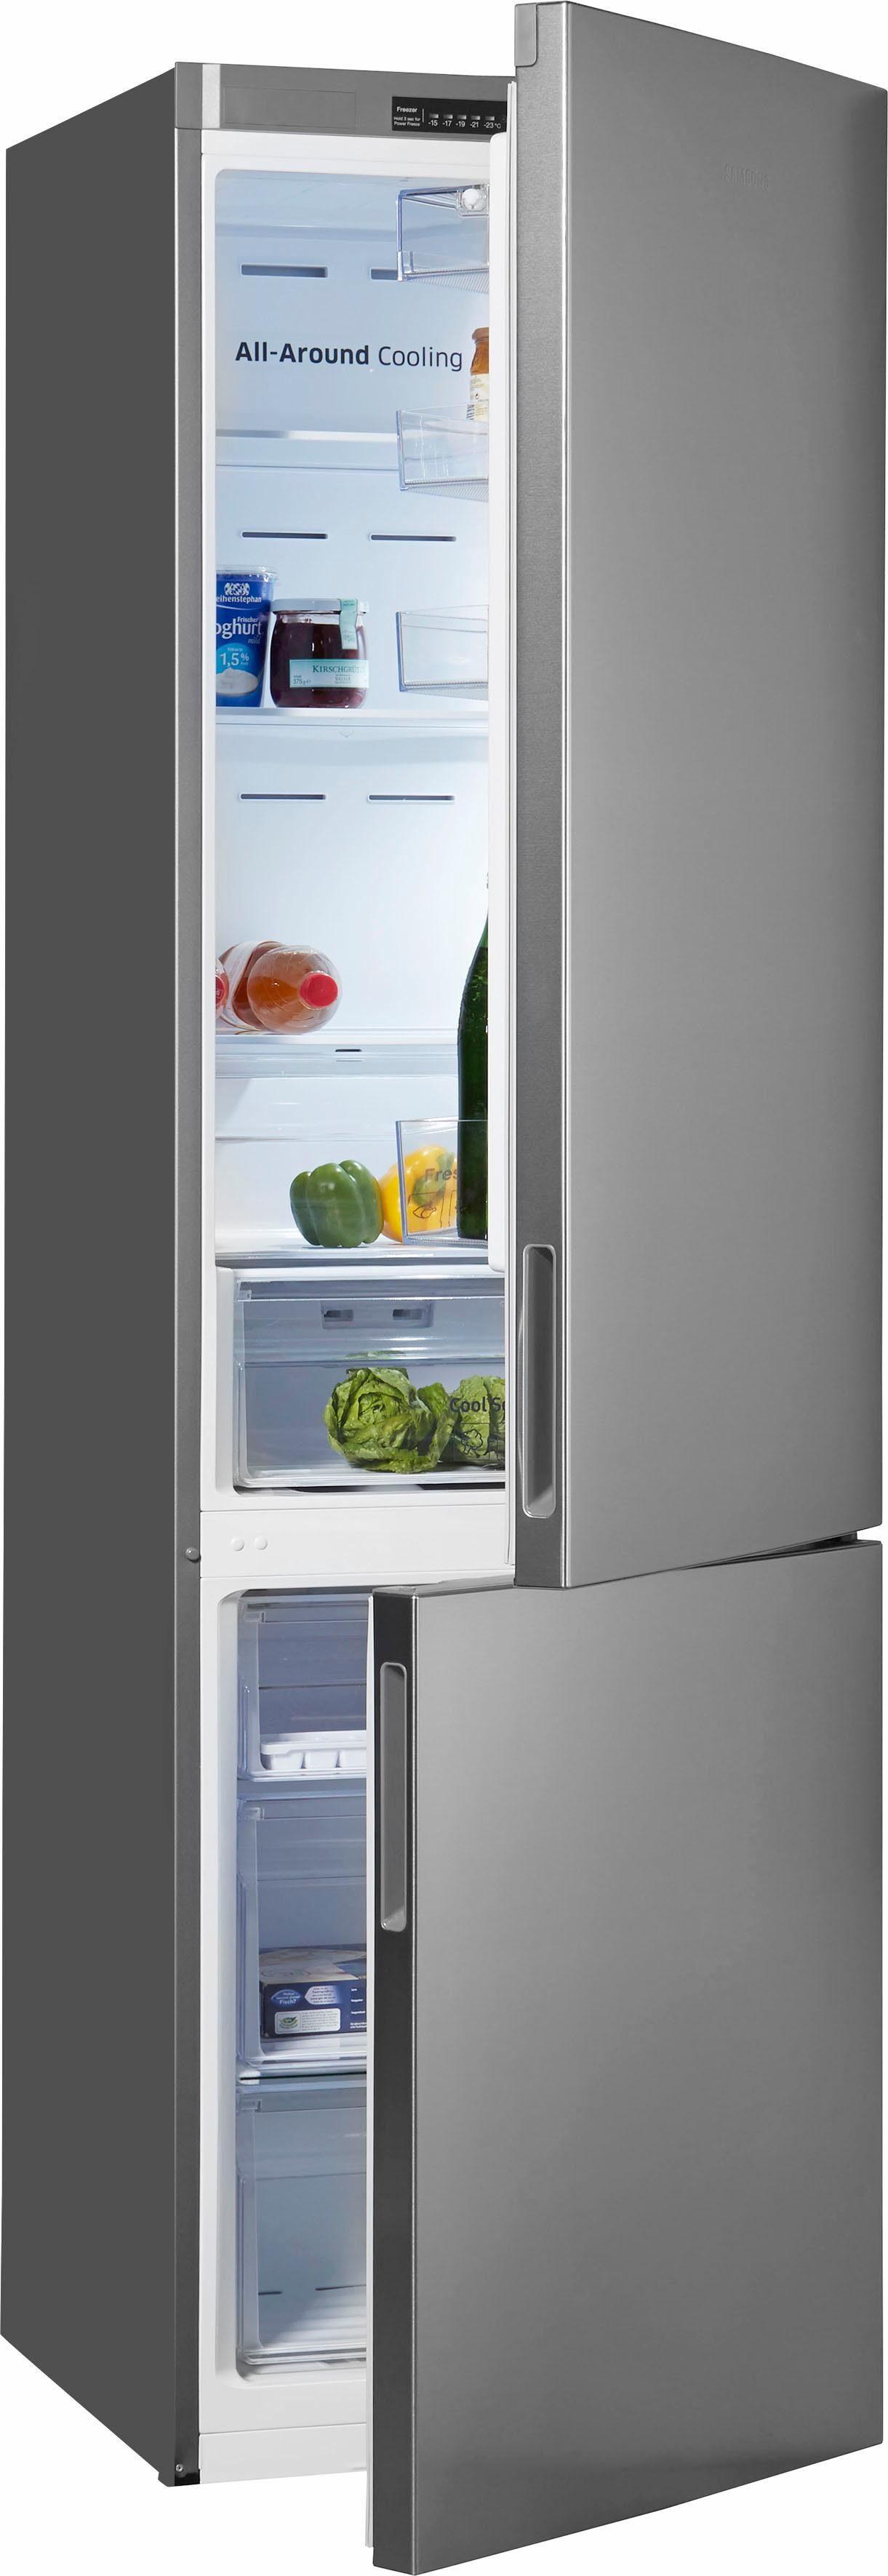 Samsung Kühl-/Gefrierkombination RL37J5007, 201 cm hoch, 59,5 cm breit